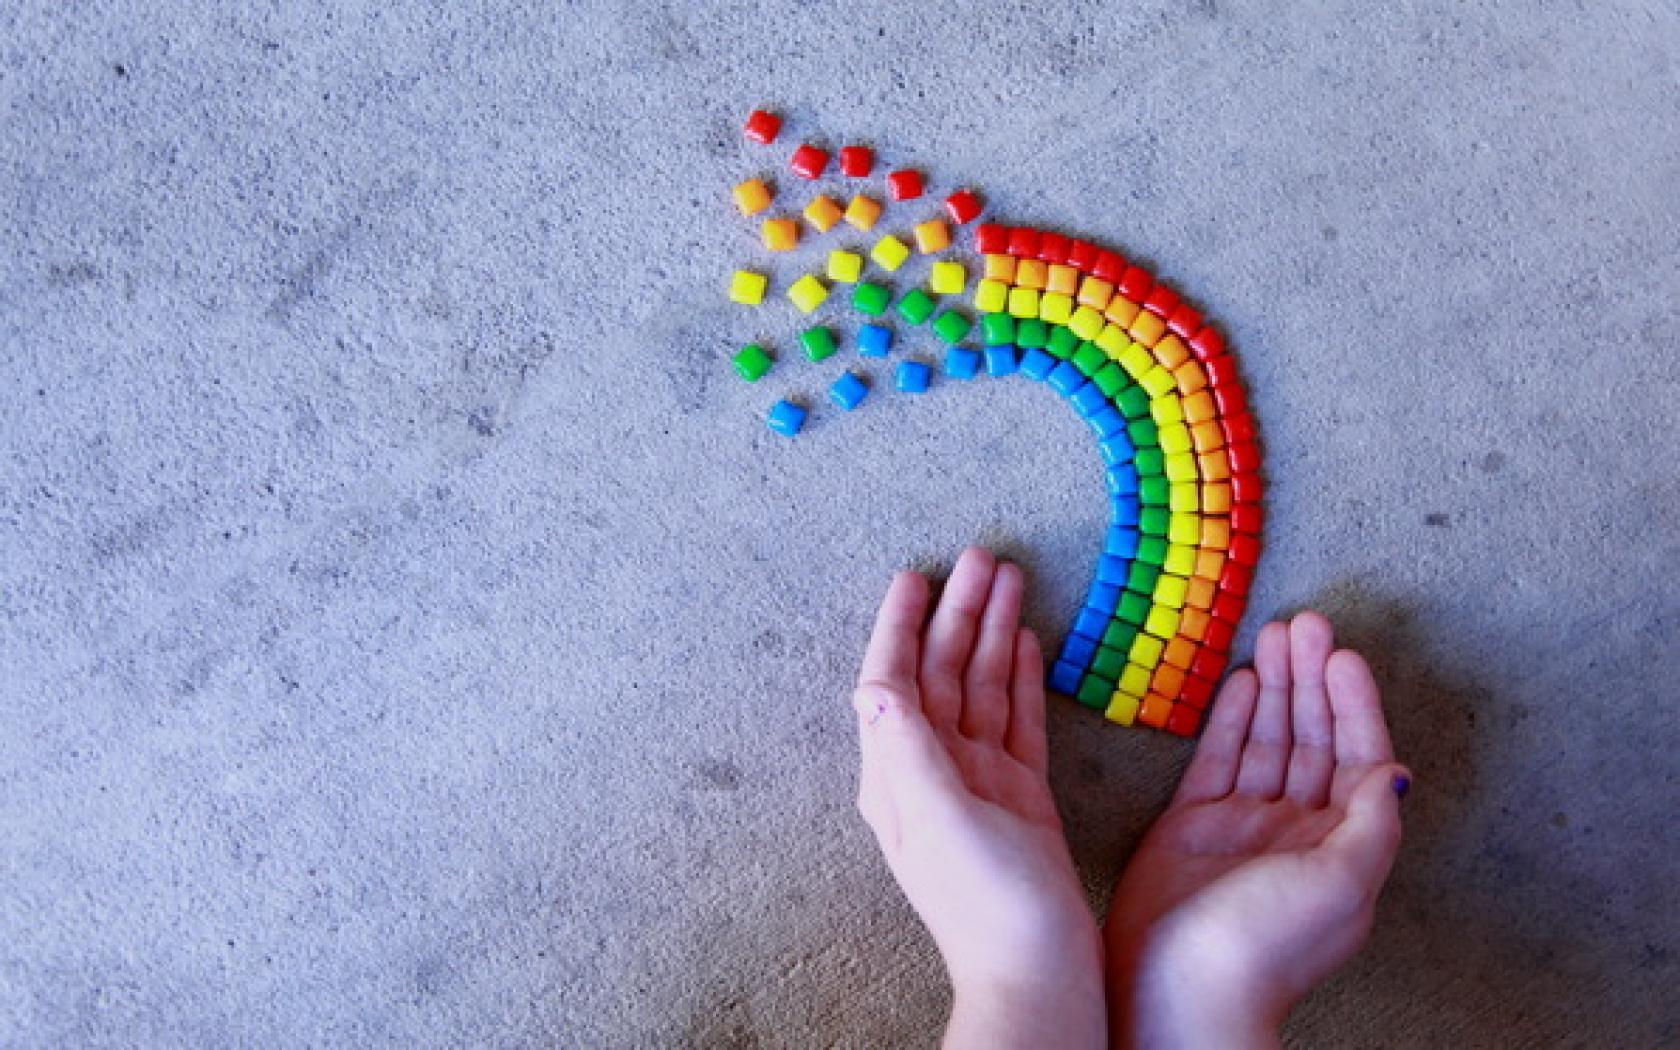 детские руки, держат радугу, обои для рабочего стола